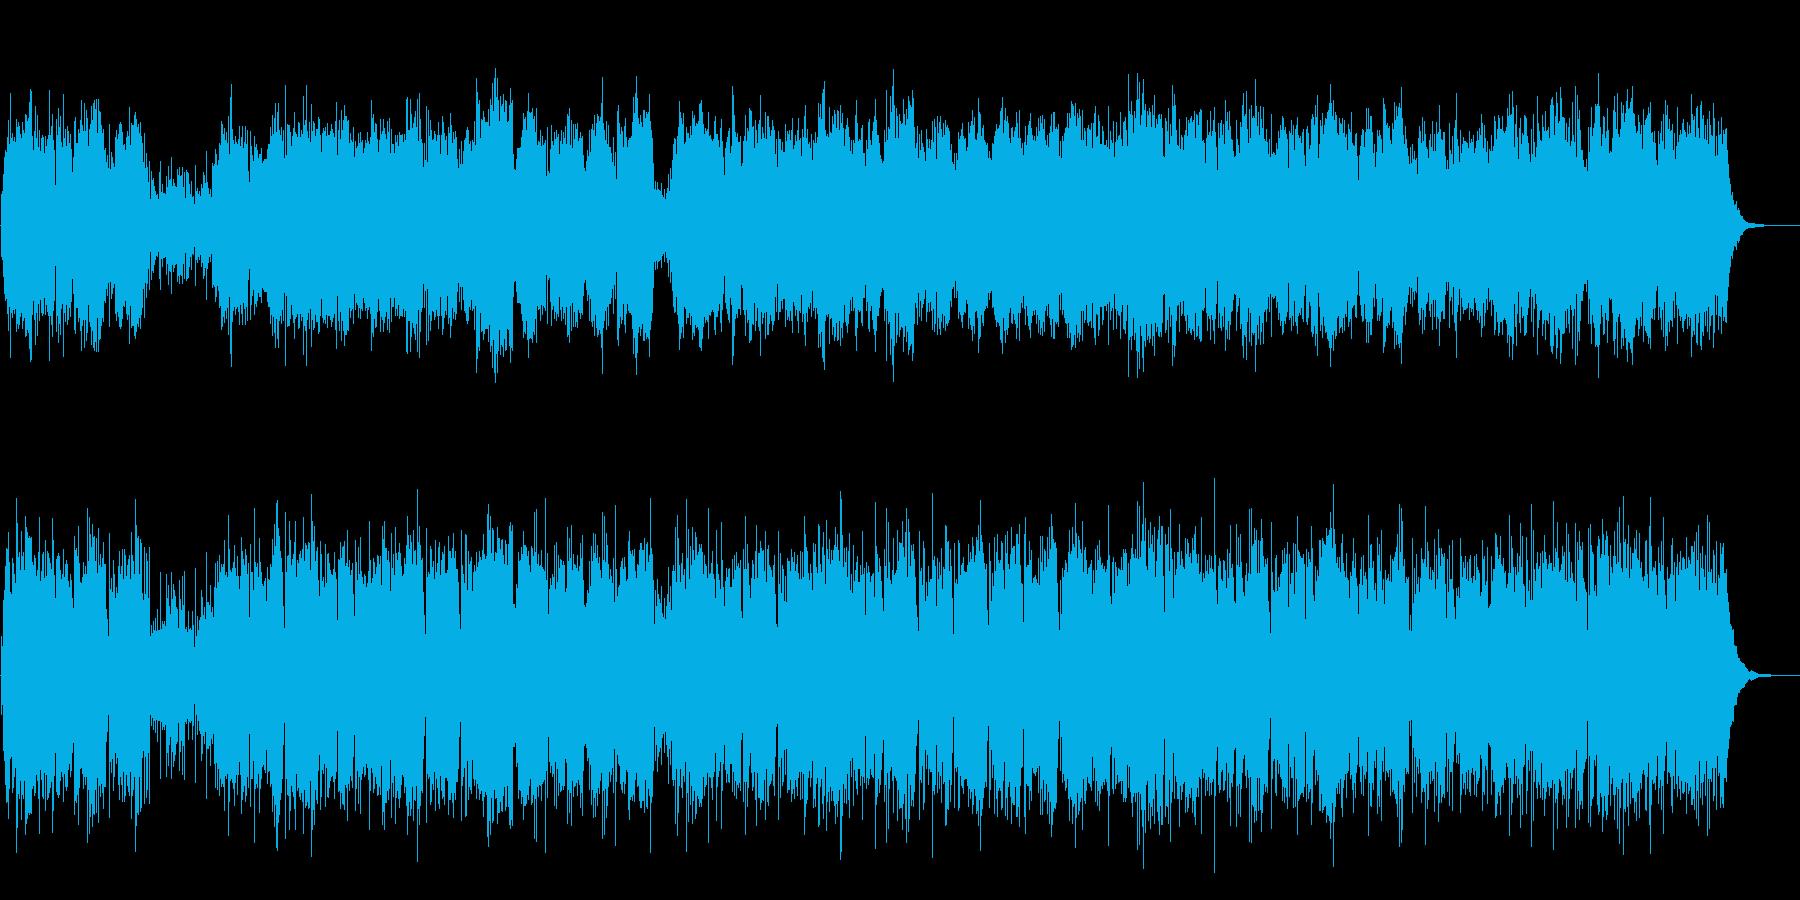 生バイオリンとアコギのシンプルなポップの再生済みの波形